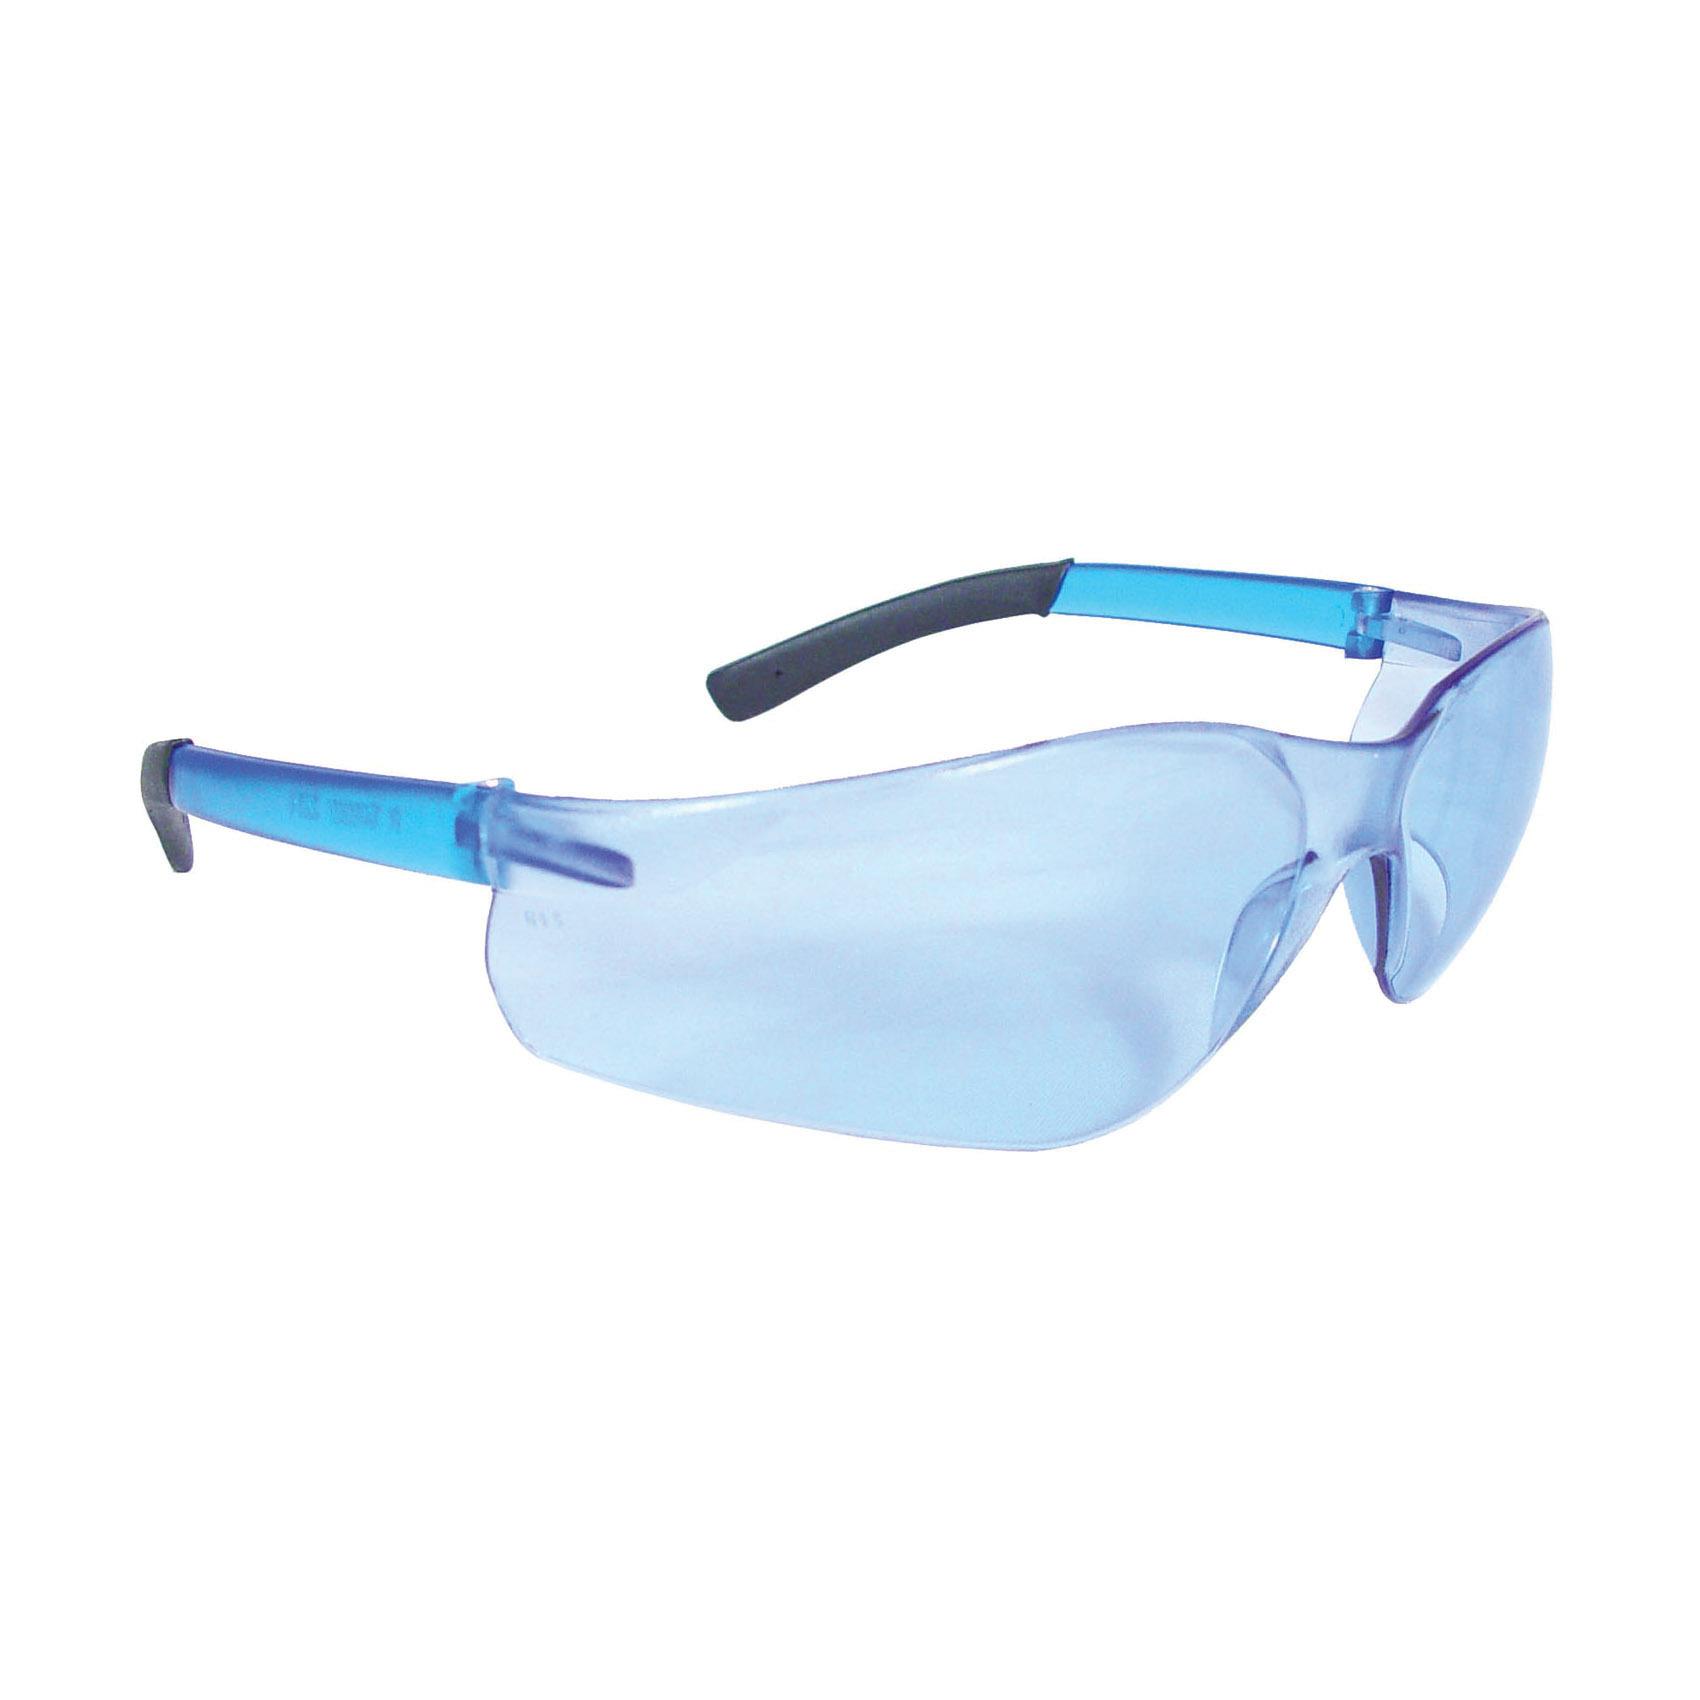 Radians® AT1-70 AT1 Rad-Atac™ Lightweight Safety Eyewear, Hard Coat/Impact Resistant, Blue Mirror Lens, Half Framed Frame, Blue Mirror, Rubber Frame, Polycarbonate Lens, ANSI Z87.1+